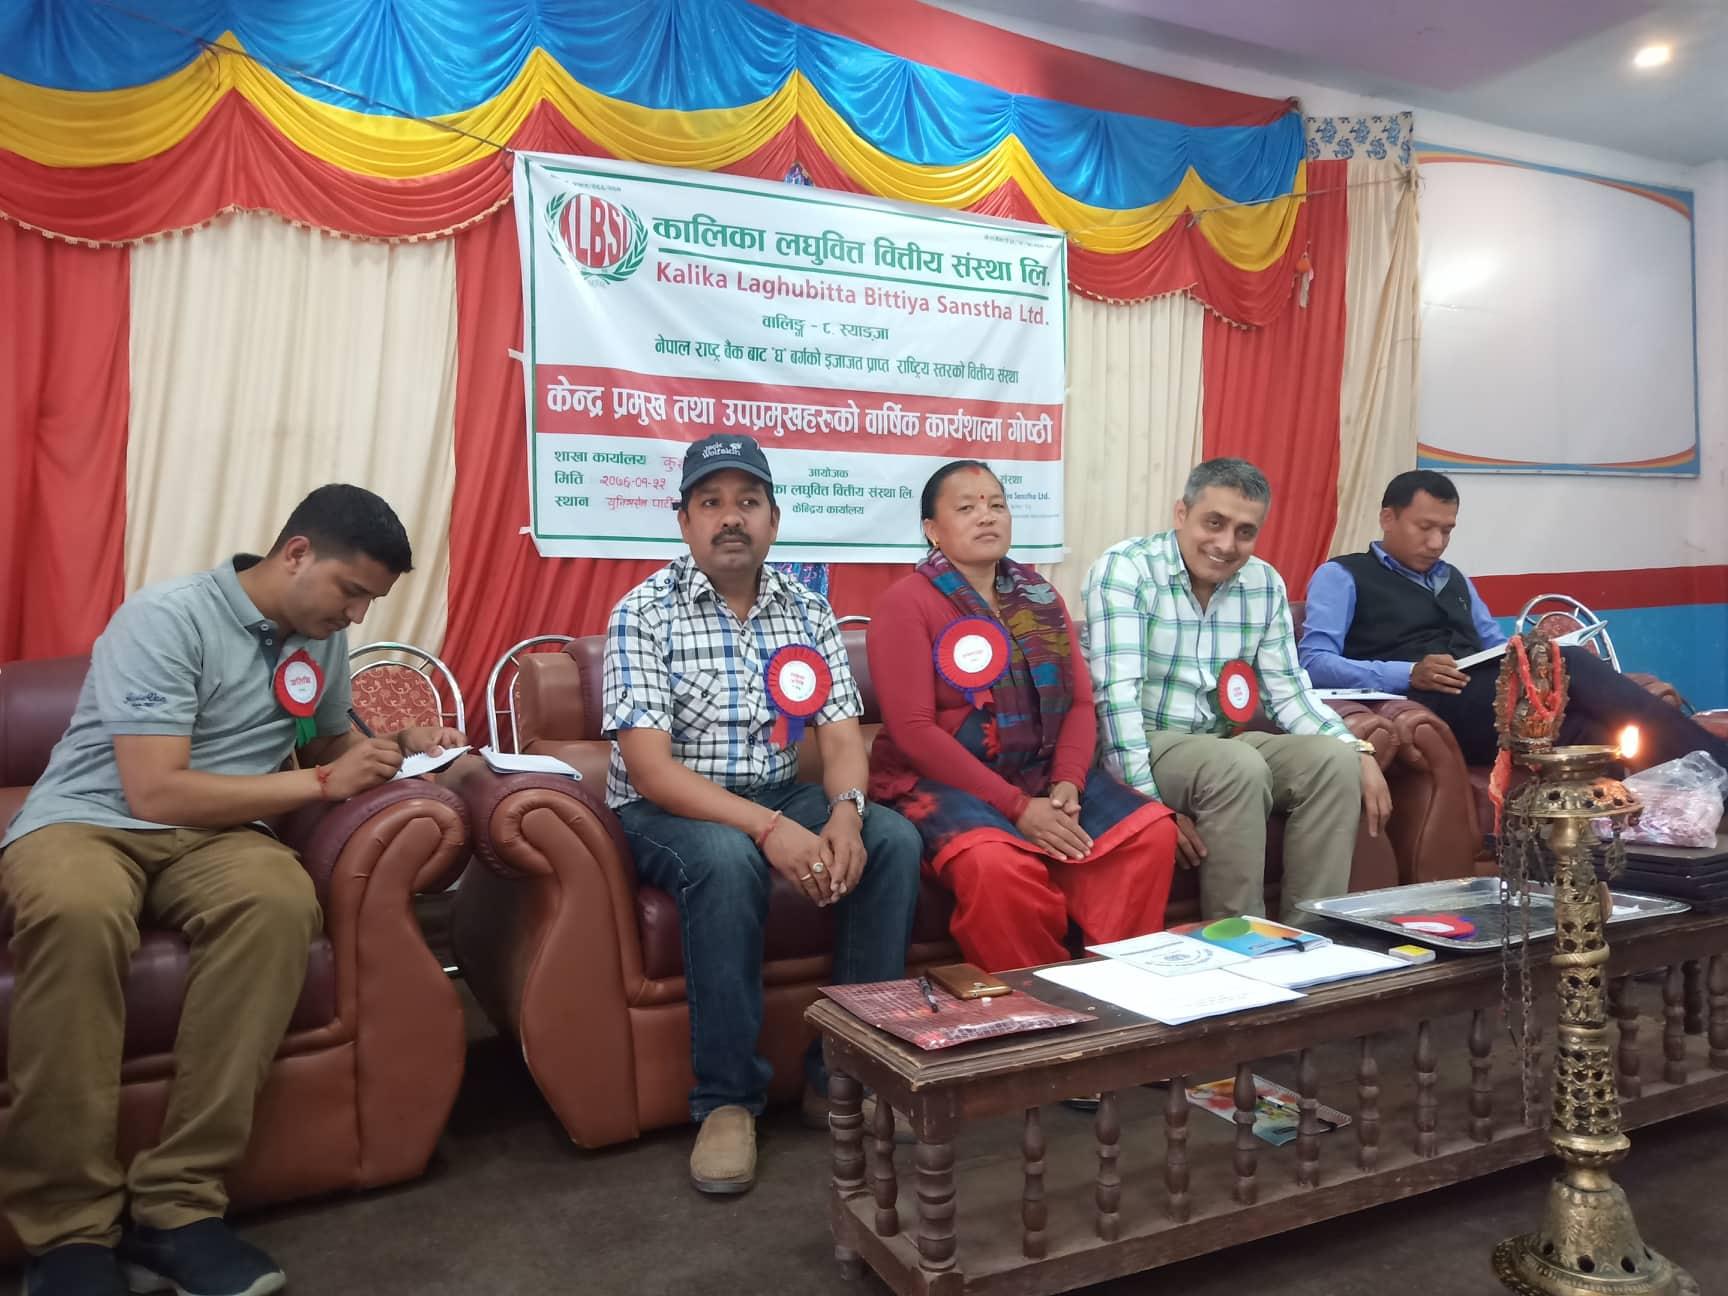 पर्बत जिल्लाको कुश्मामा कालिकाको केन्द्र प्रमुख गोष्ठी सम्पन्नस्याङ्जा